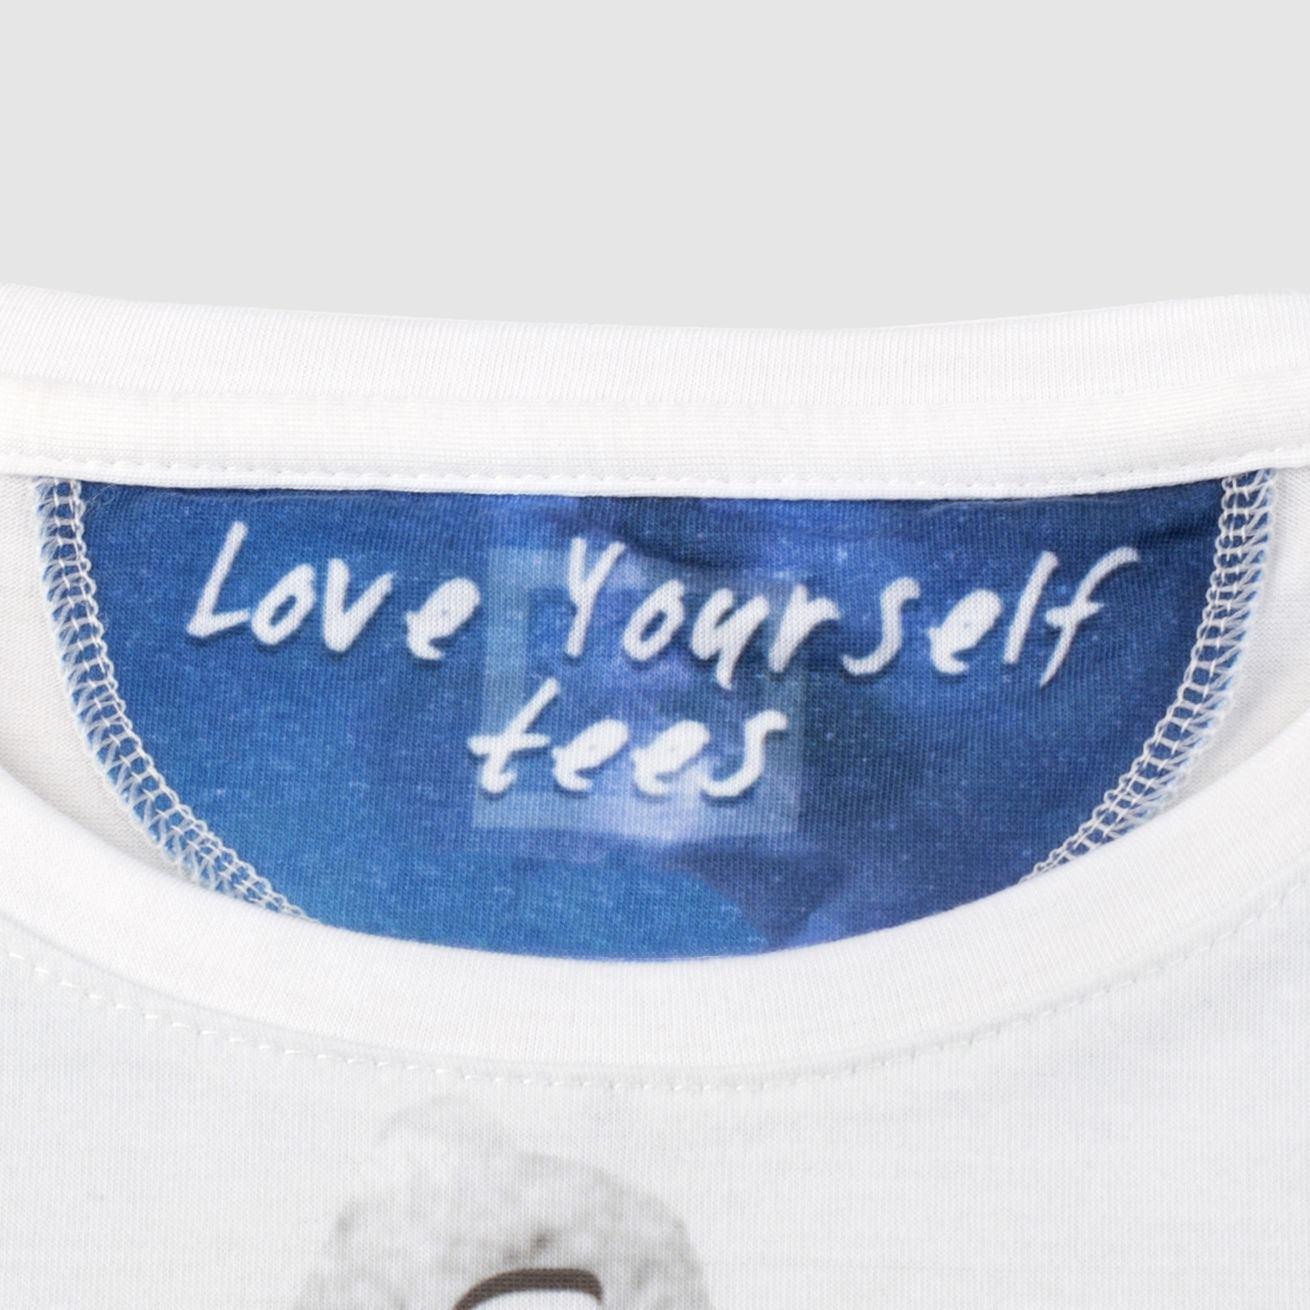 T-Shirt mit eigenem Motiv gestalten - T Shirt selbst designen.